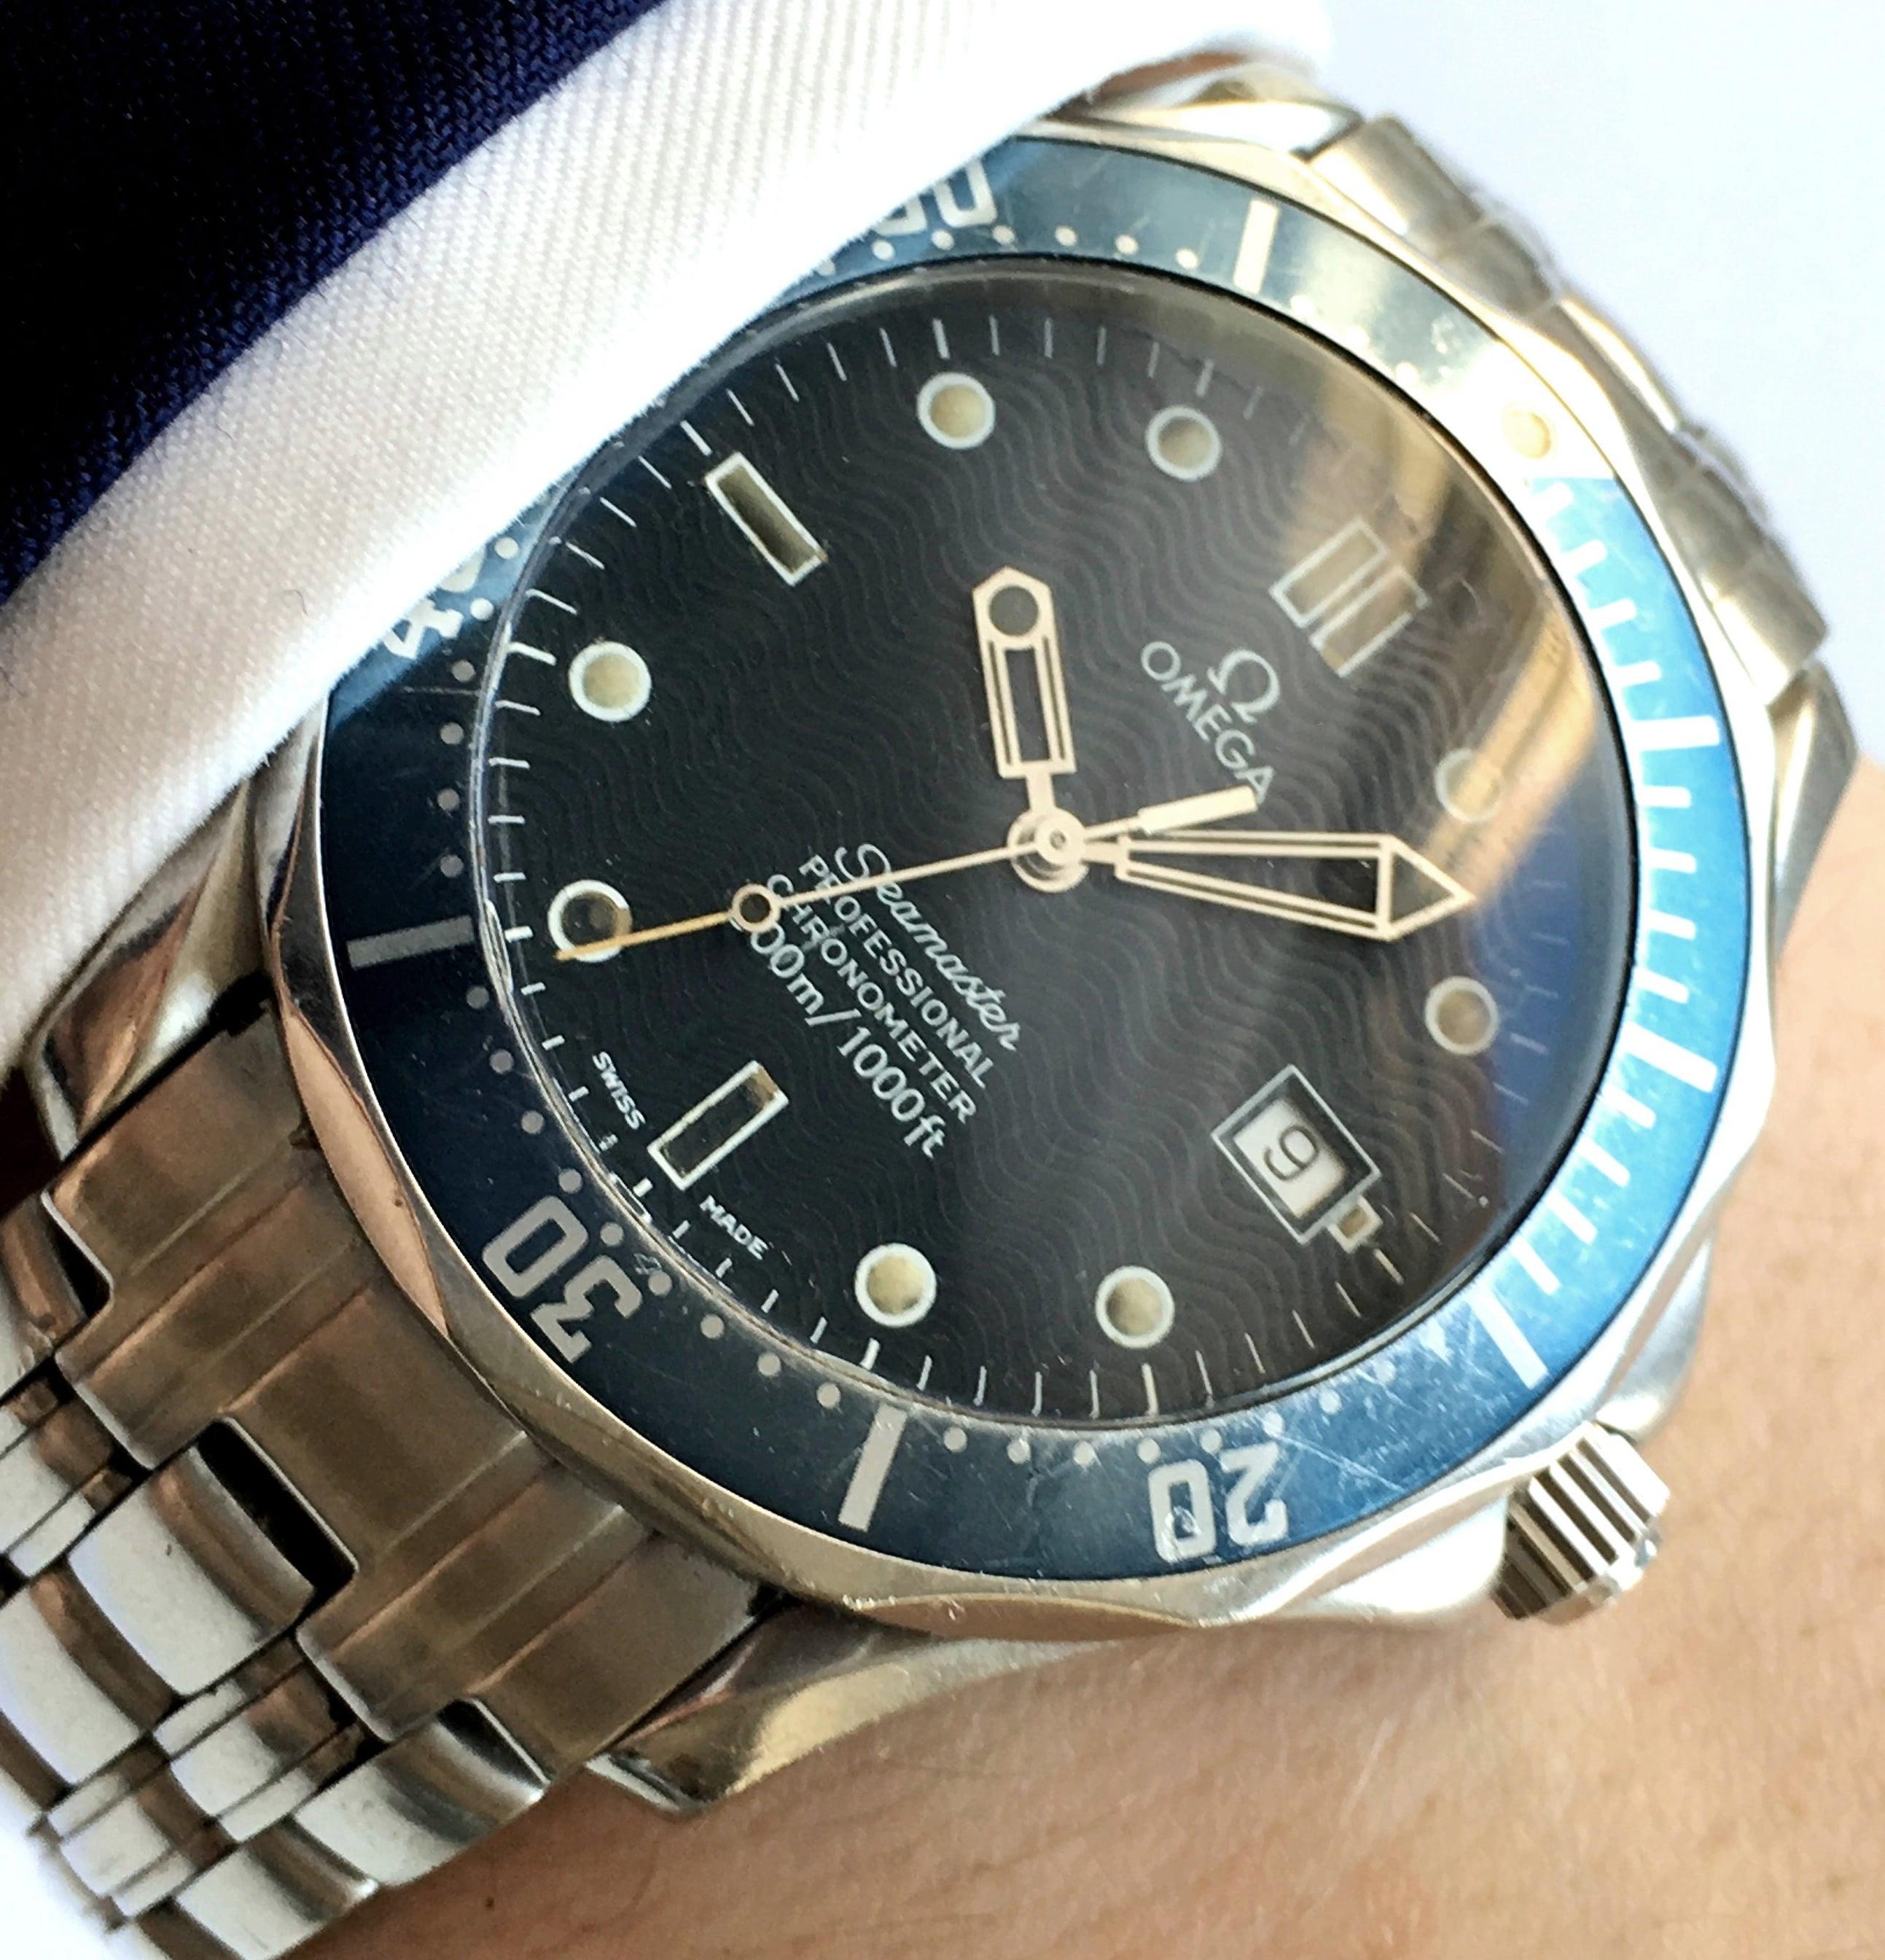 James Bond Omega Seamaster 300 Professional Vintage 41mm